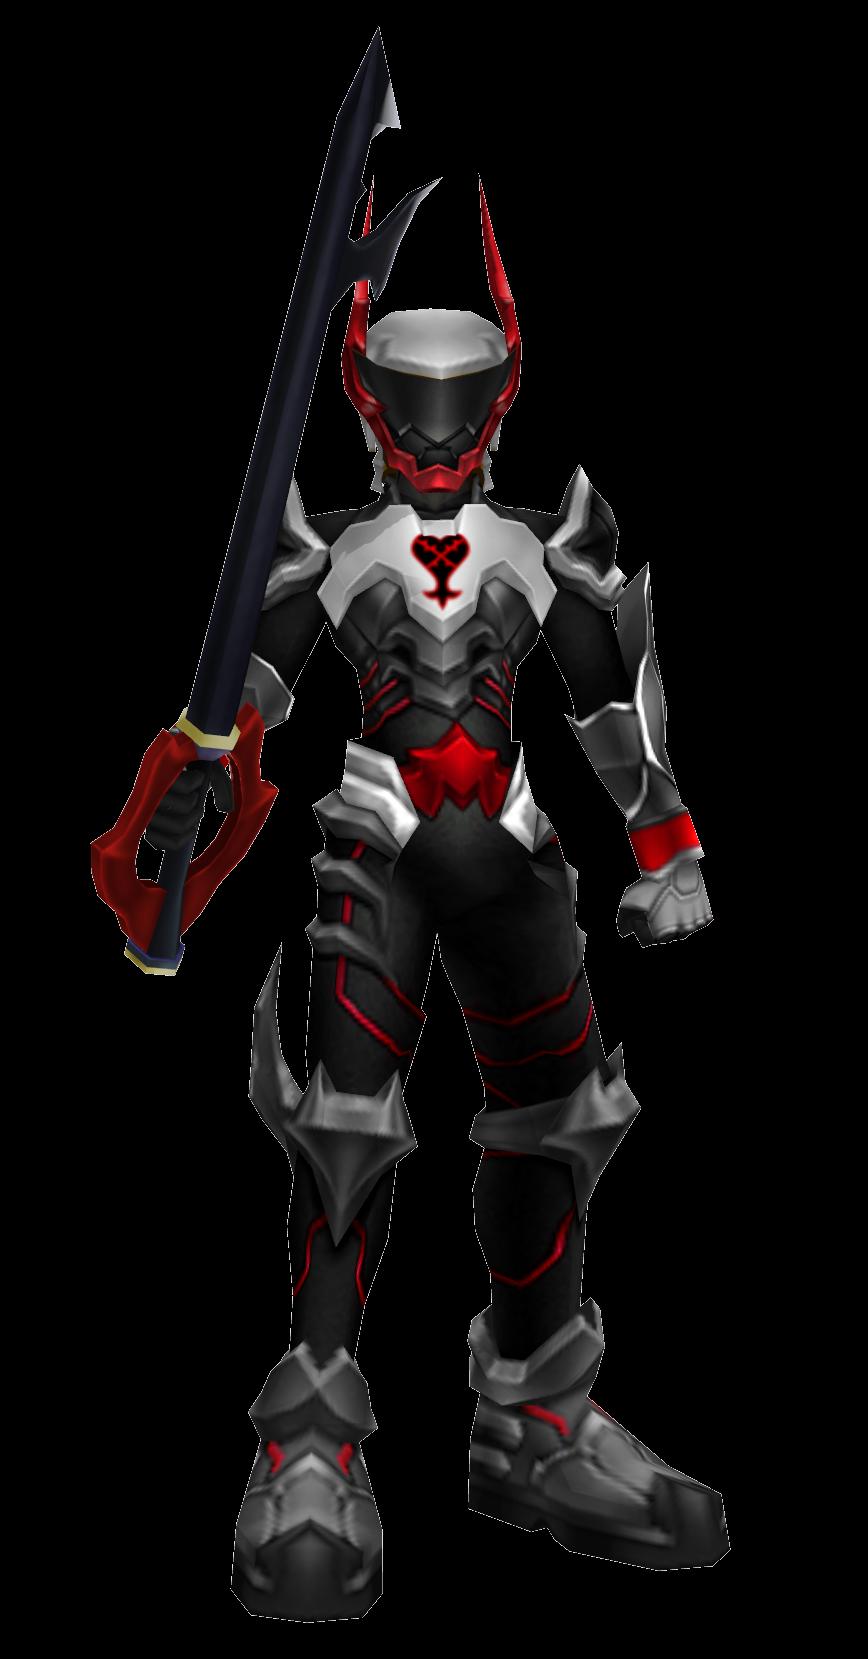 KH3 MMD Dark Keyblade Knight DL by todsen19 on DeviantArt